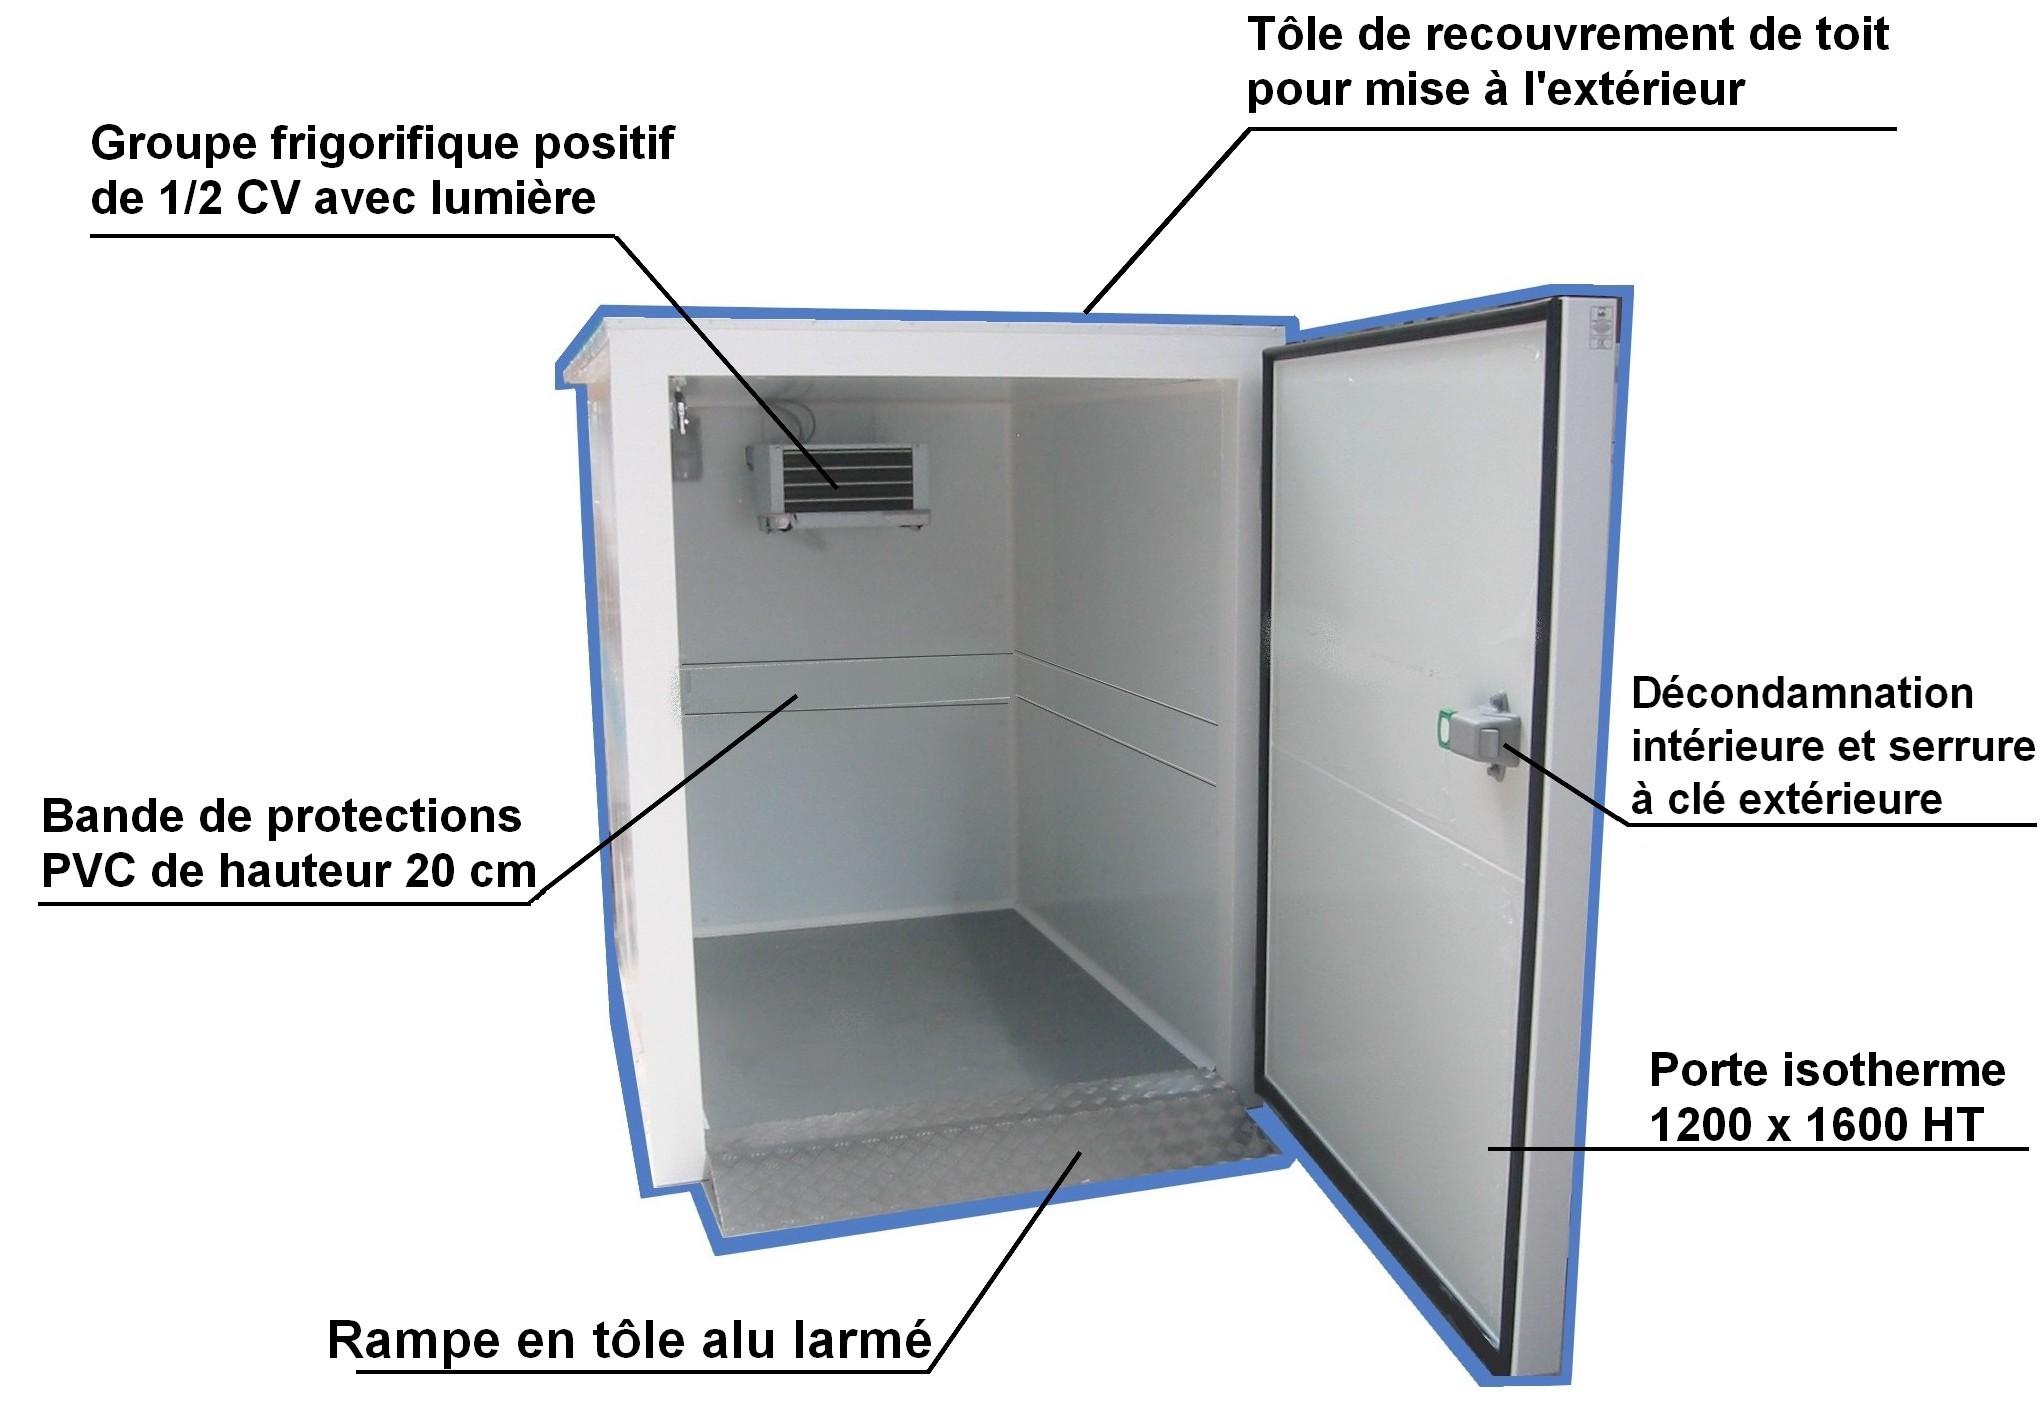 Pourquoi comprendre l'utilité de la chambre froide?